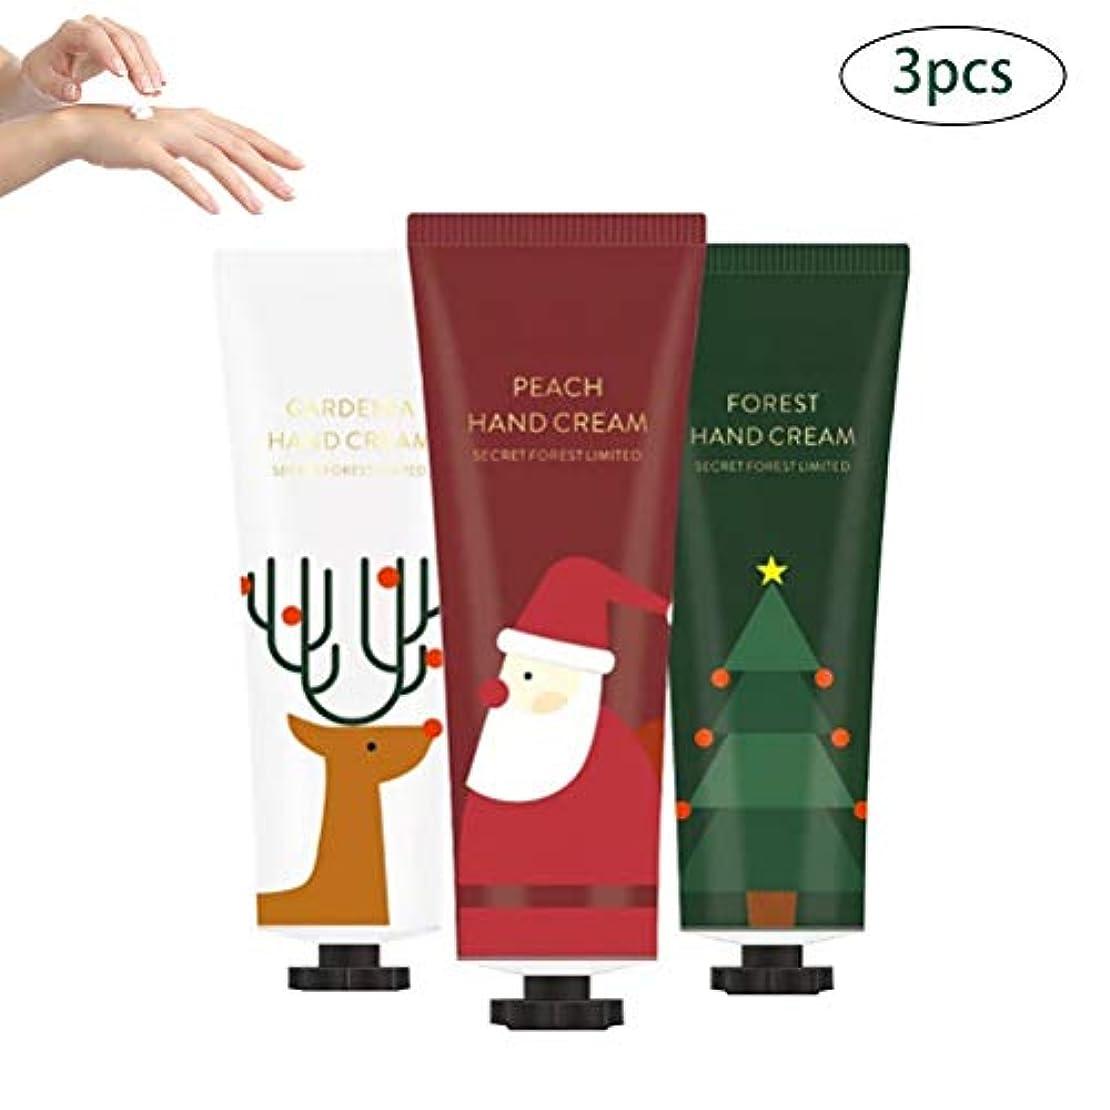 原点ナンセンスシャークSanwer ハンドクリーム クリスマスセット クリスマス保湿ハンドクリーム 3PCSセット 高保湿 & 爪を保護 乾燥肌対策 乾燥肌 敏感肌 手荒れ防ぐ 肌荒れ 保湿 長持ち